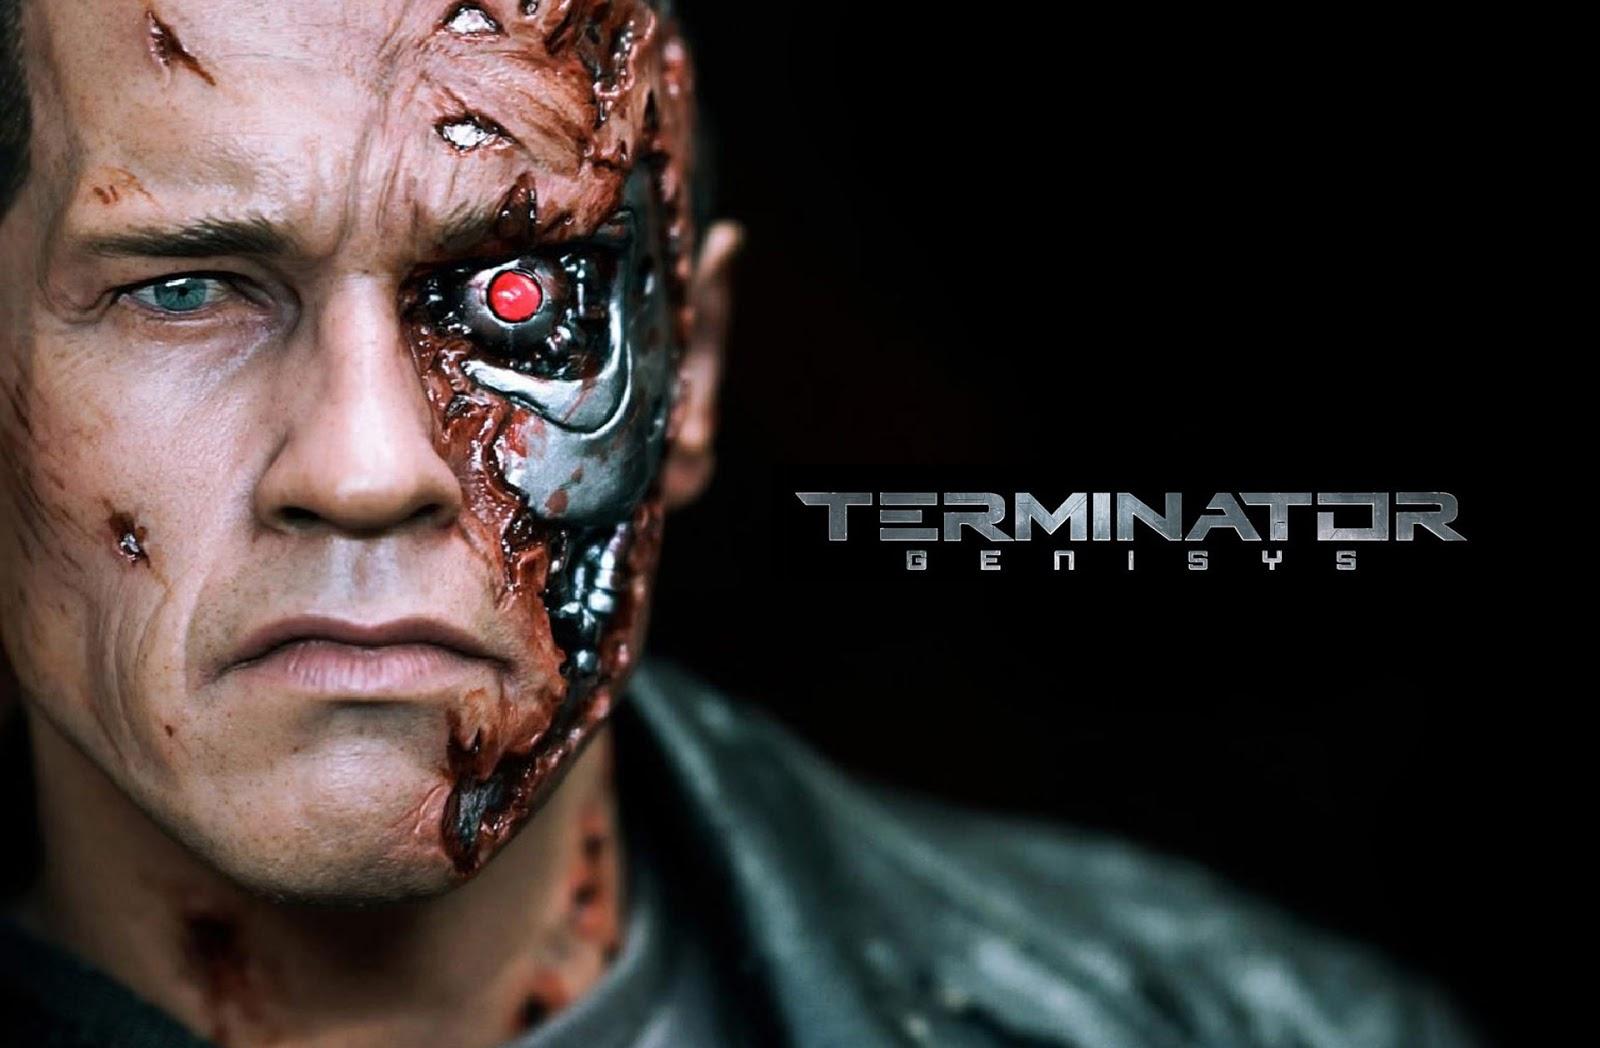 Exterminador do futuro 2 dublado online dating 4